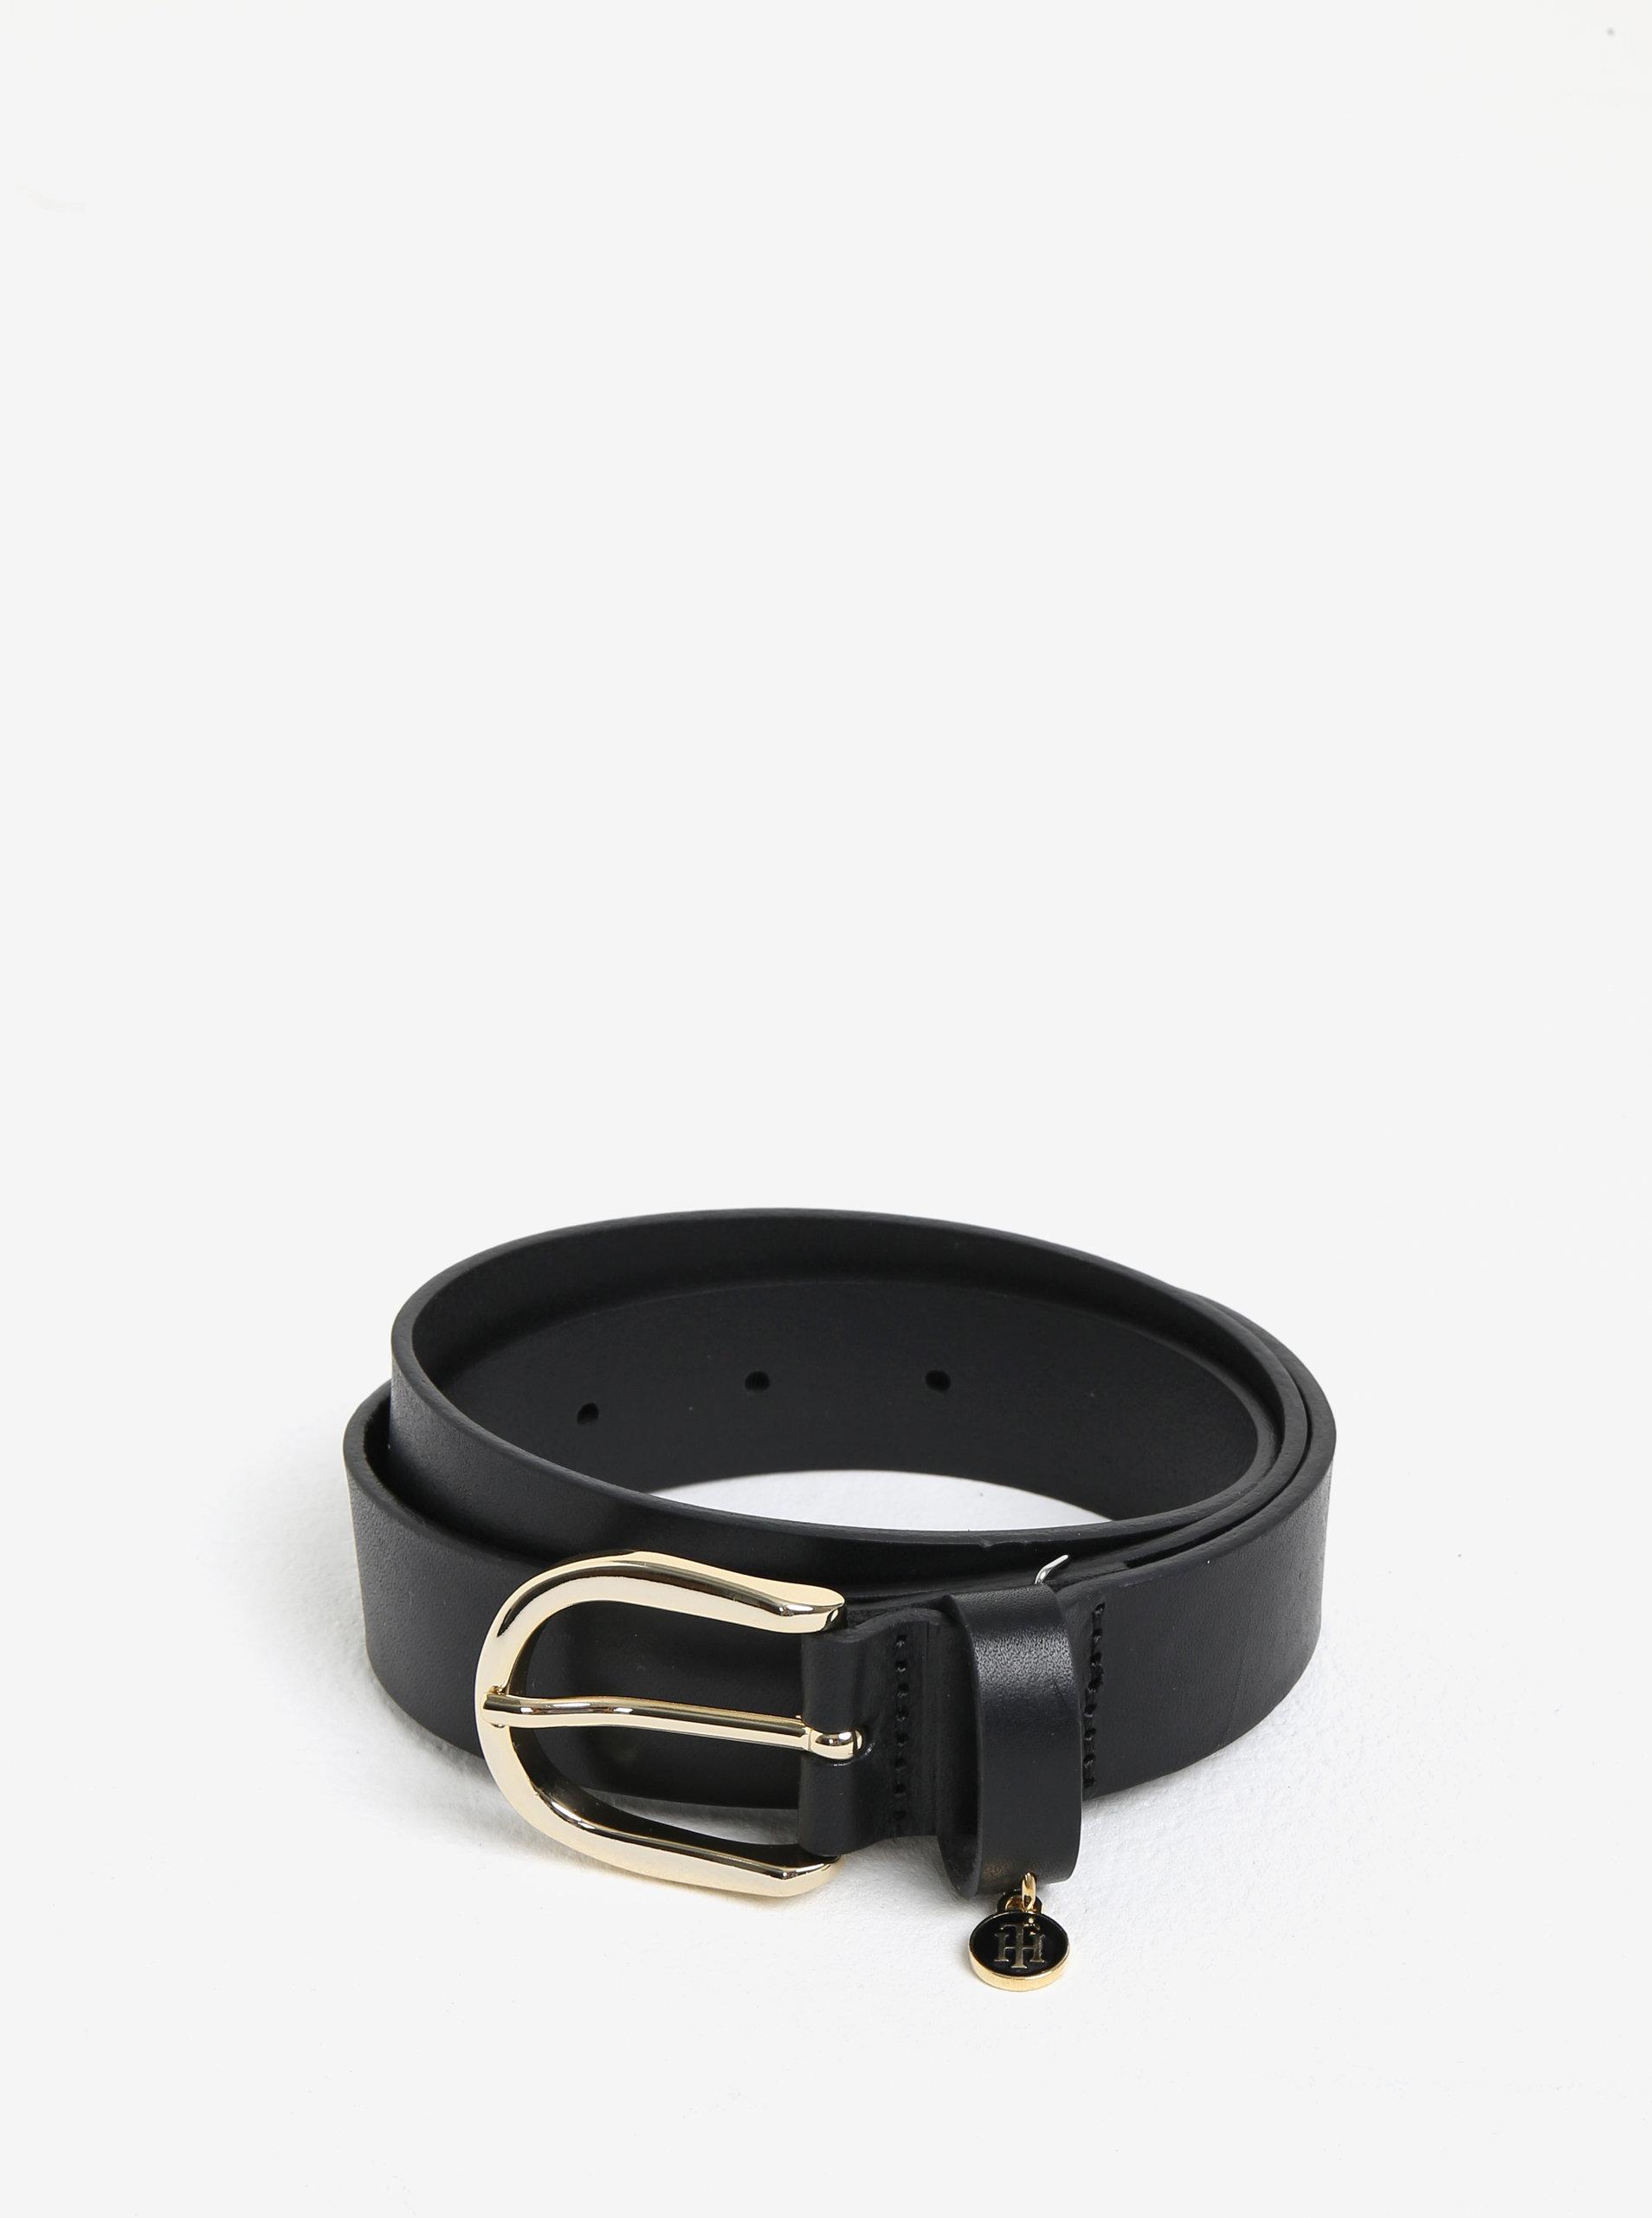 Čierny dámsky kožený opasok Tommy Hilfiger ... 5693b303851